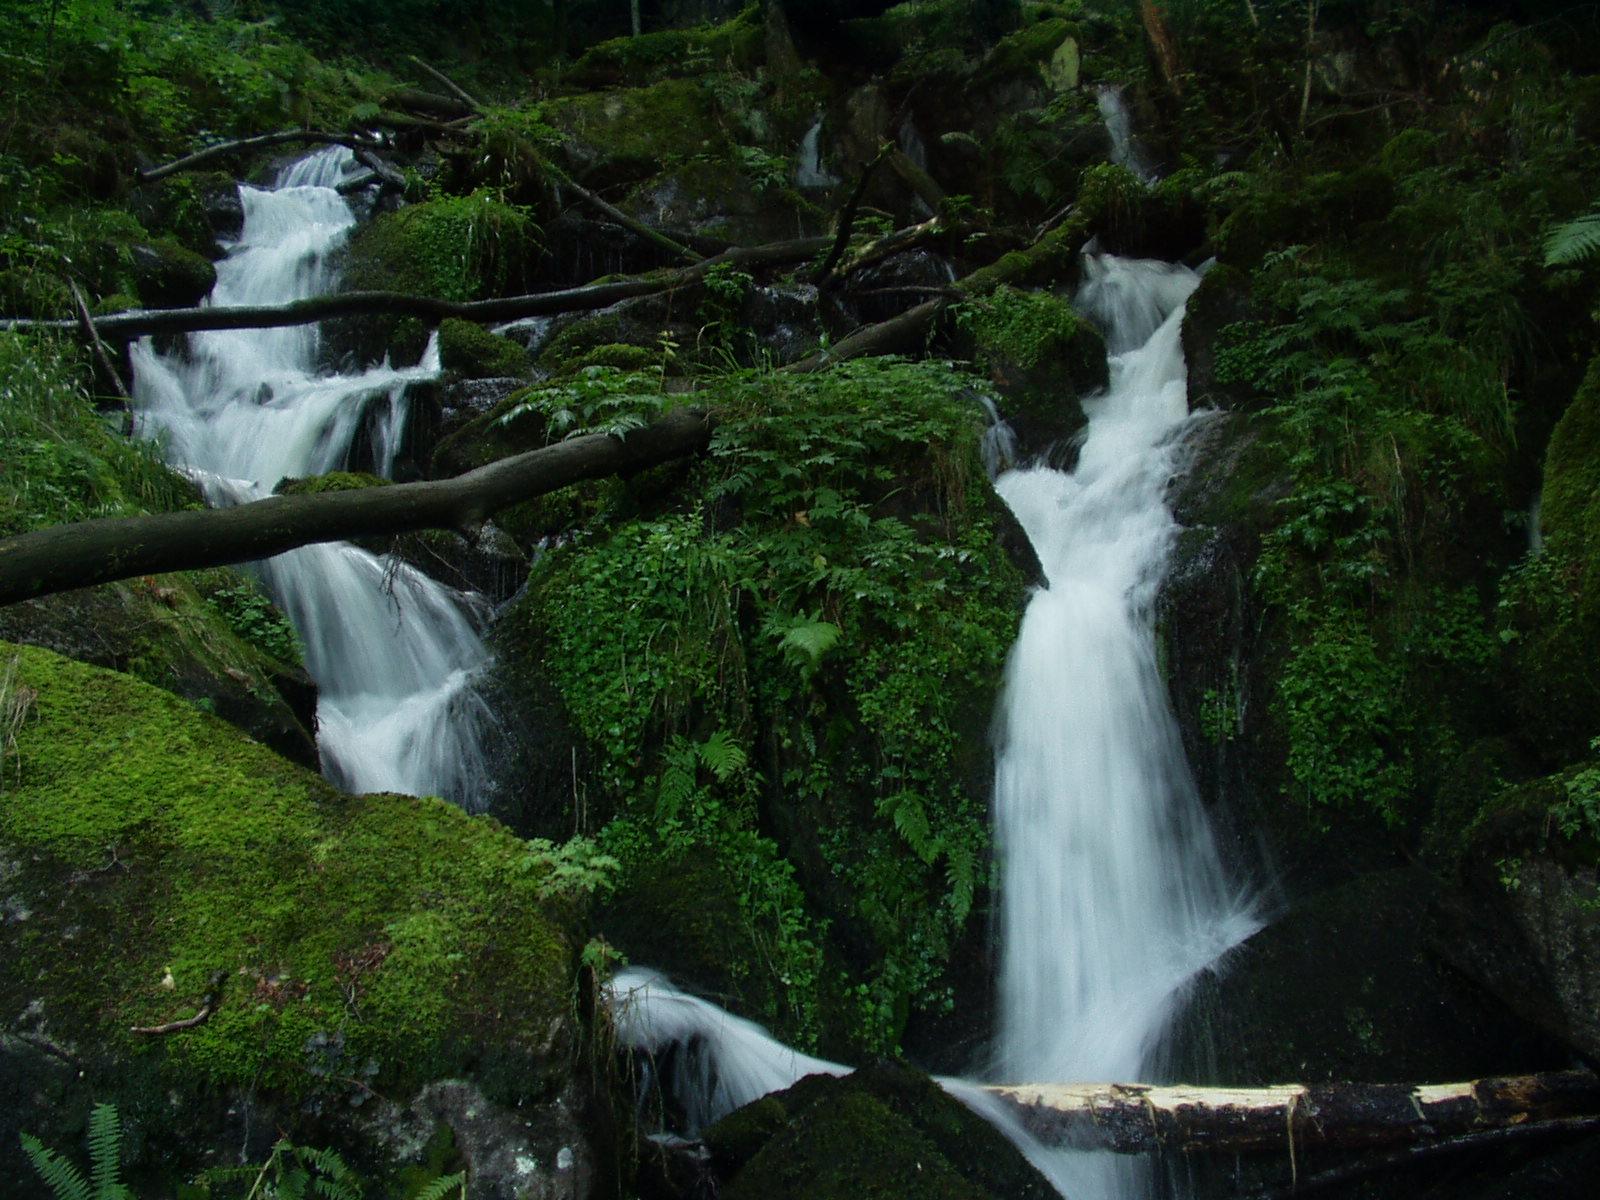 Wasserfall-vosges.jpg